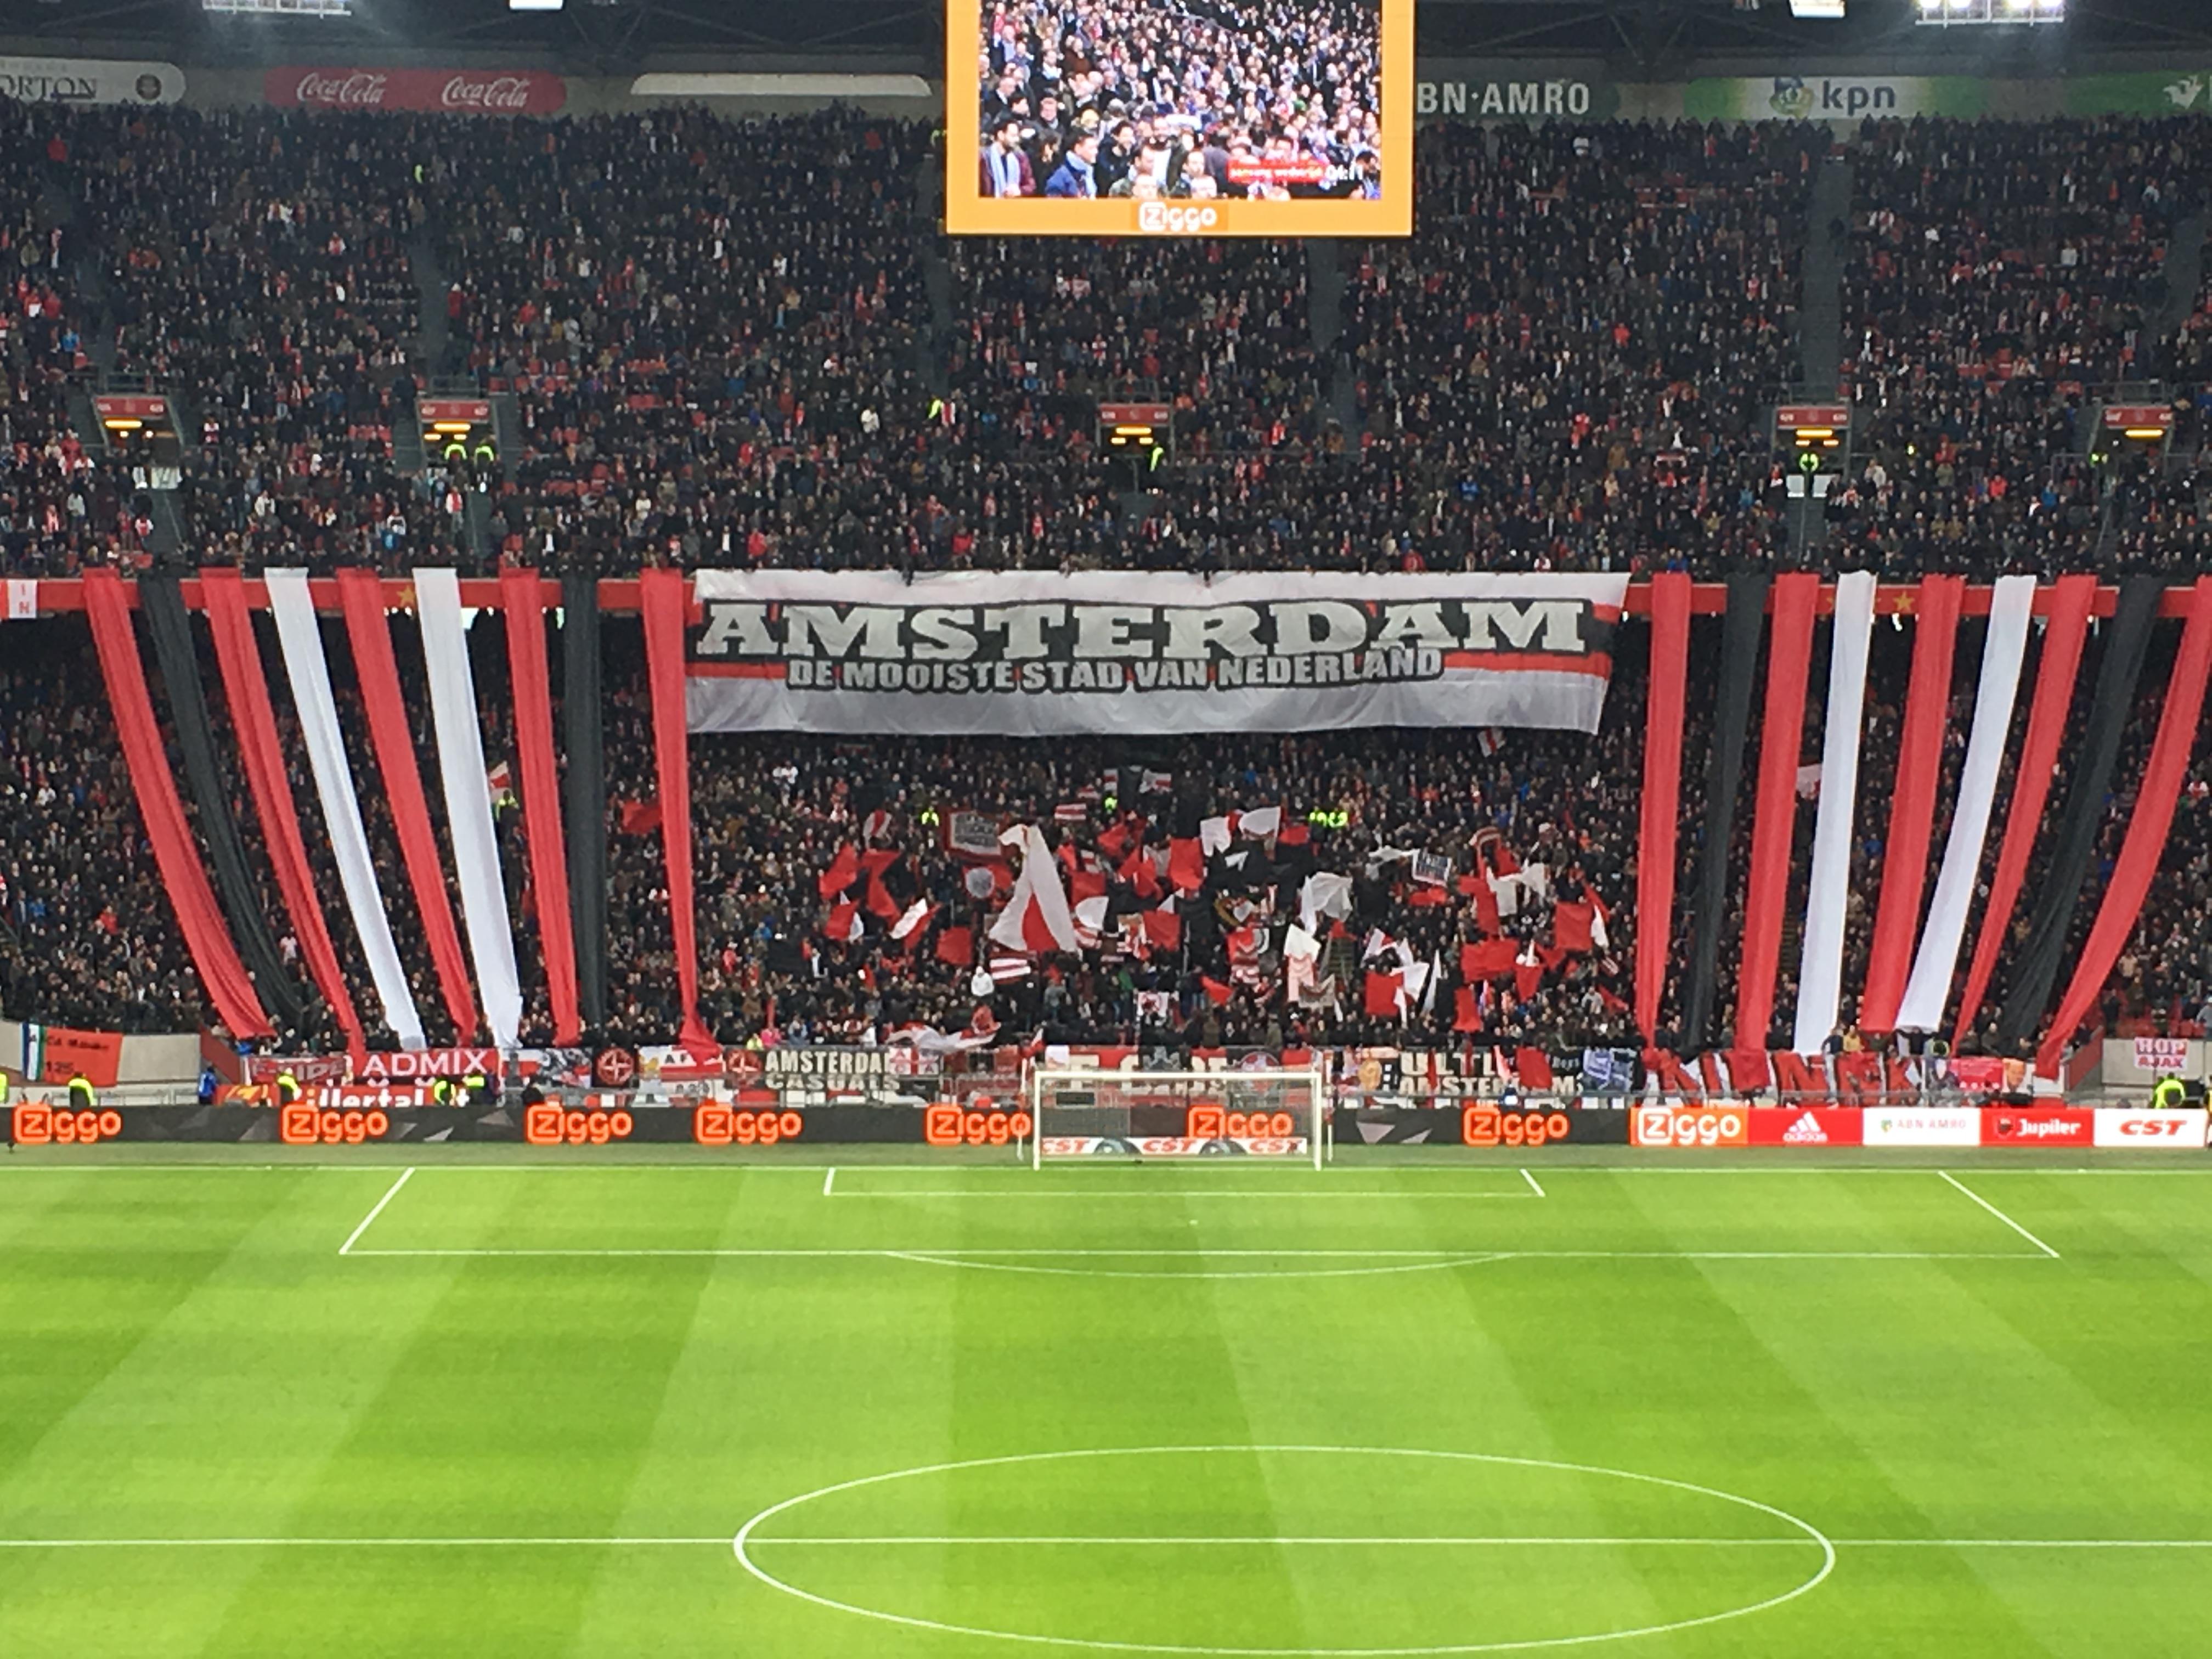 Ajax-Feyenoord